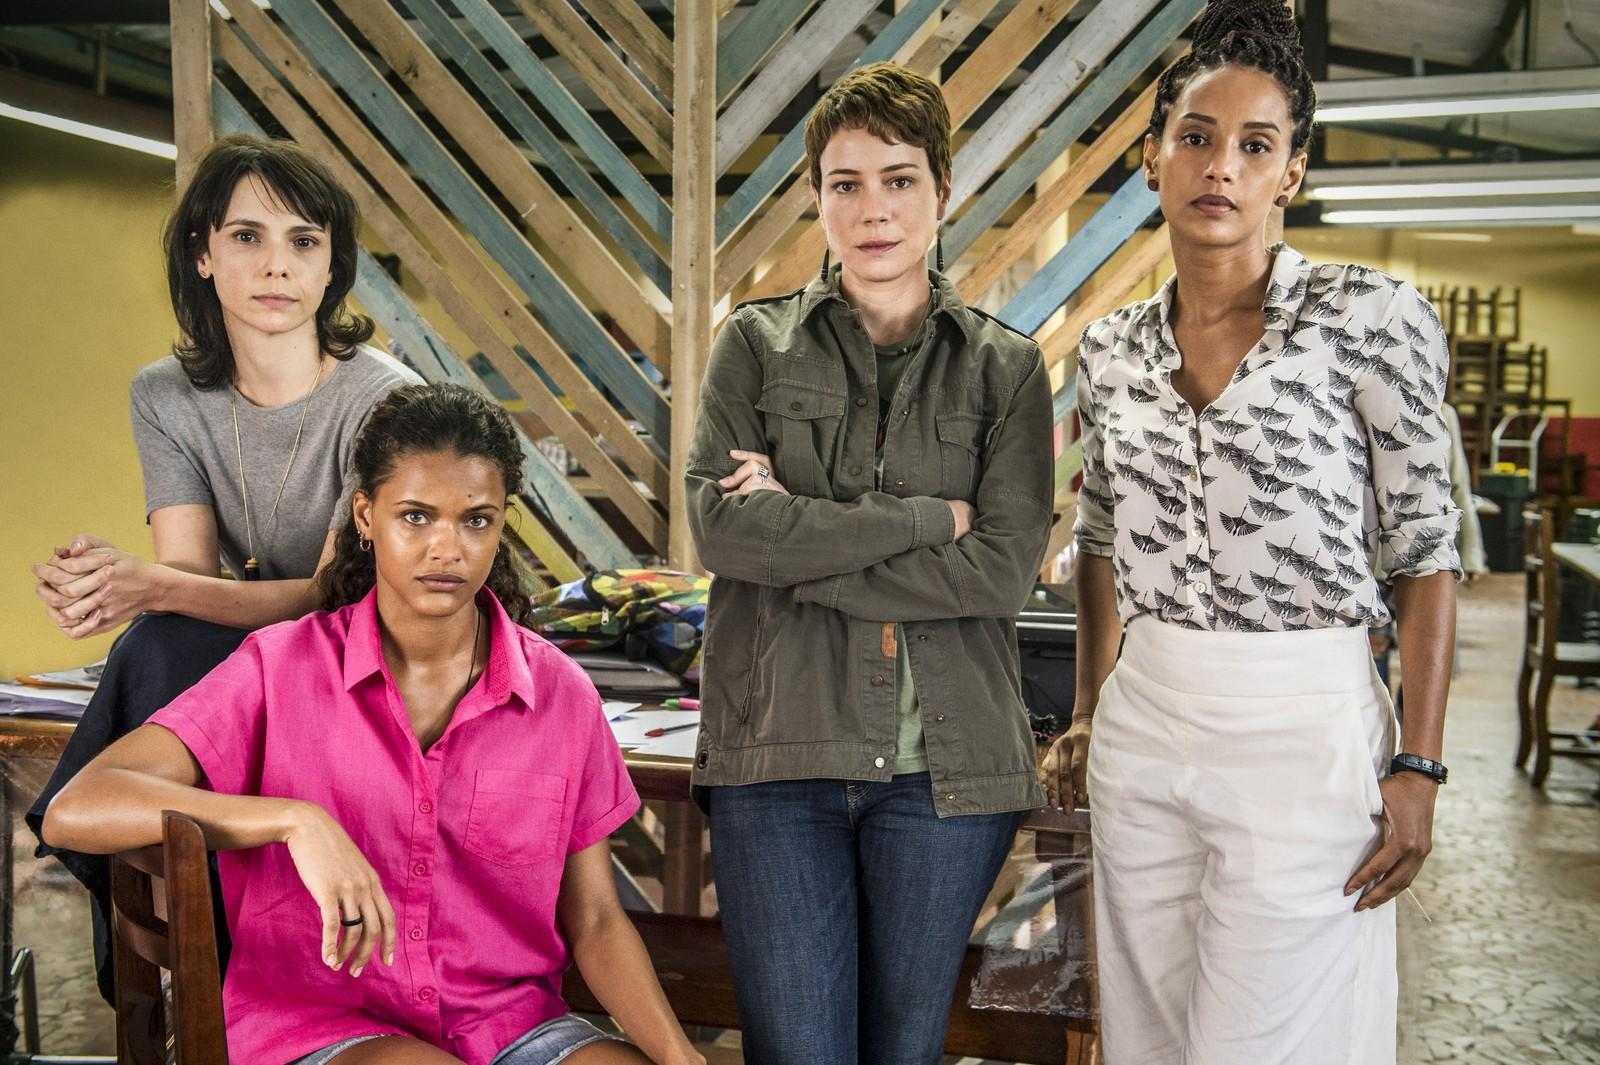 Débora, Thainá, Leandra e Taís nas gravações de Aruanas: gravações na Amazônia com equipe com quase 50% de mulheres e participação de moradores da região (Foto: Globo/Fabio Rocha)